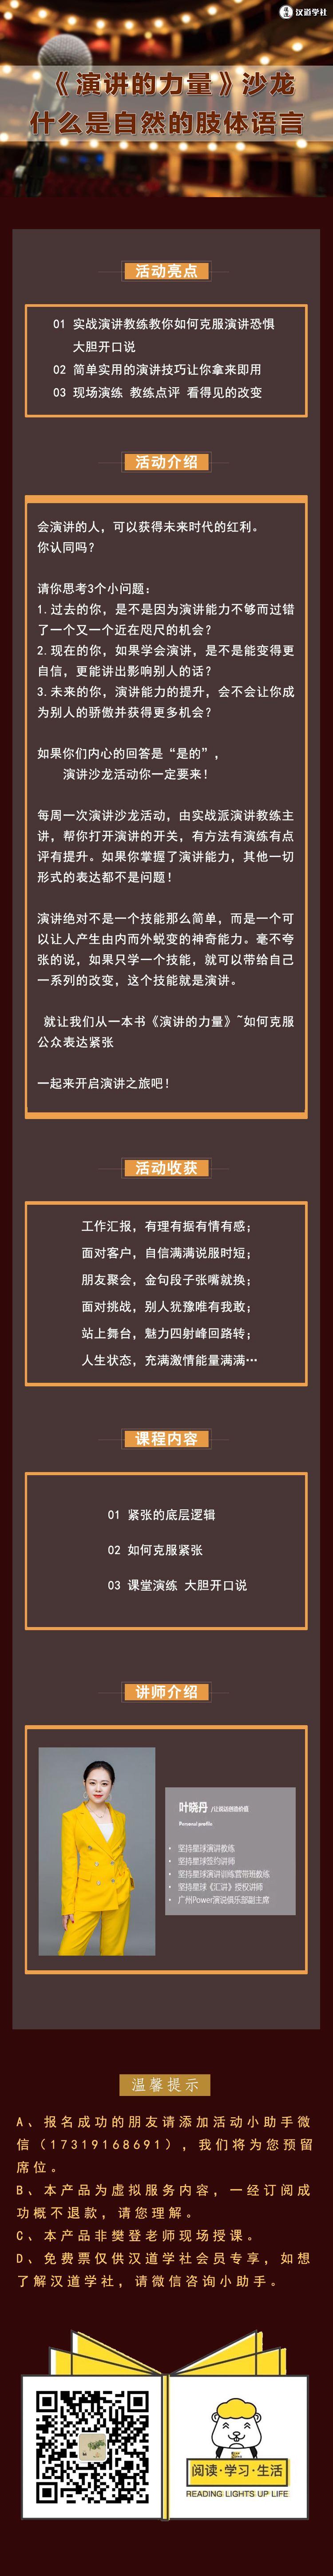 长图-汉道-演讲的力量-什么是自然的肢体语言-.jpg